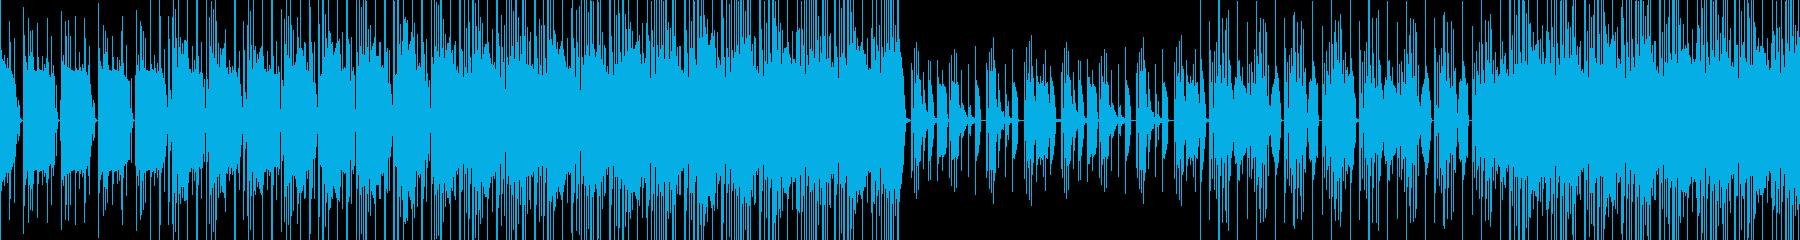 【ループ対応】少しダークなビートBGMの再生済みの波形